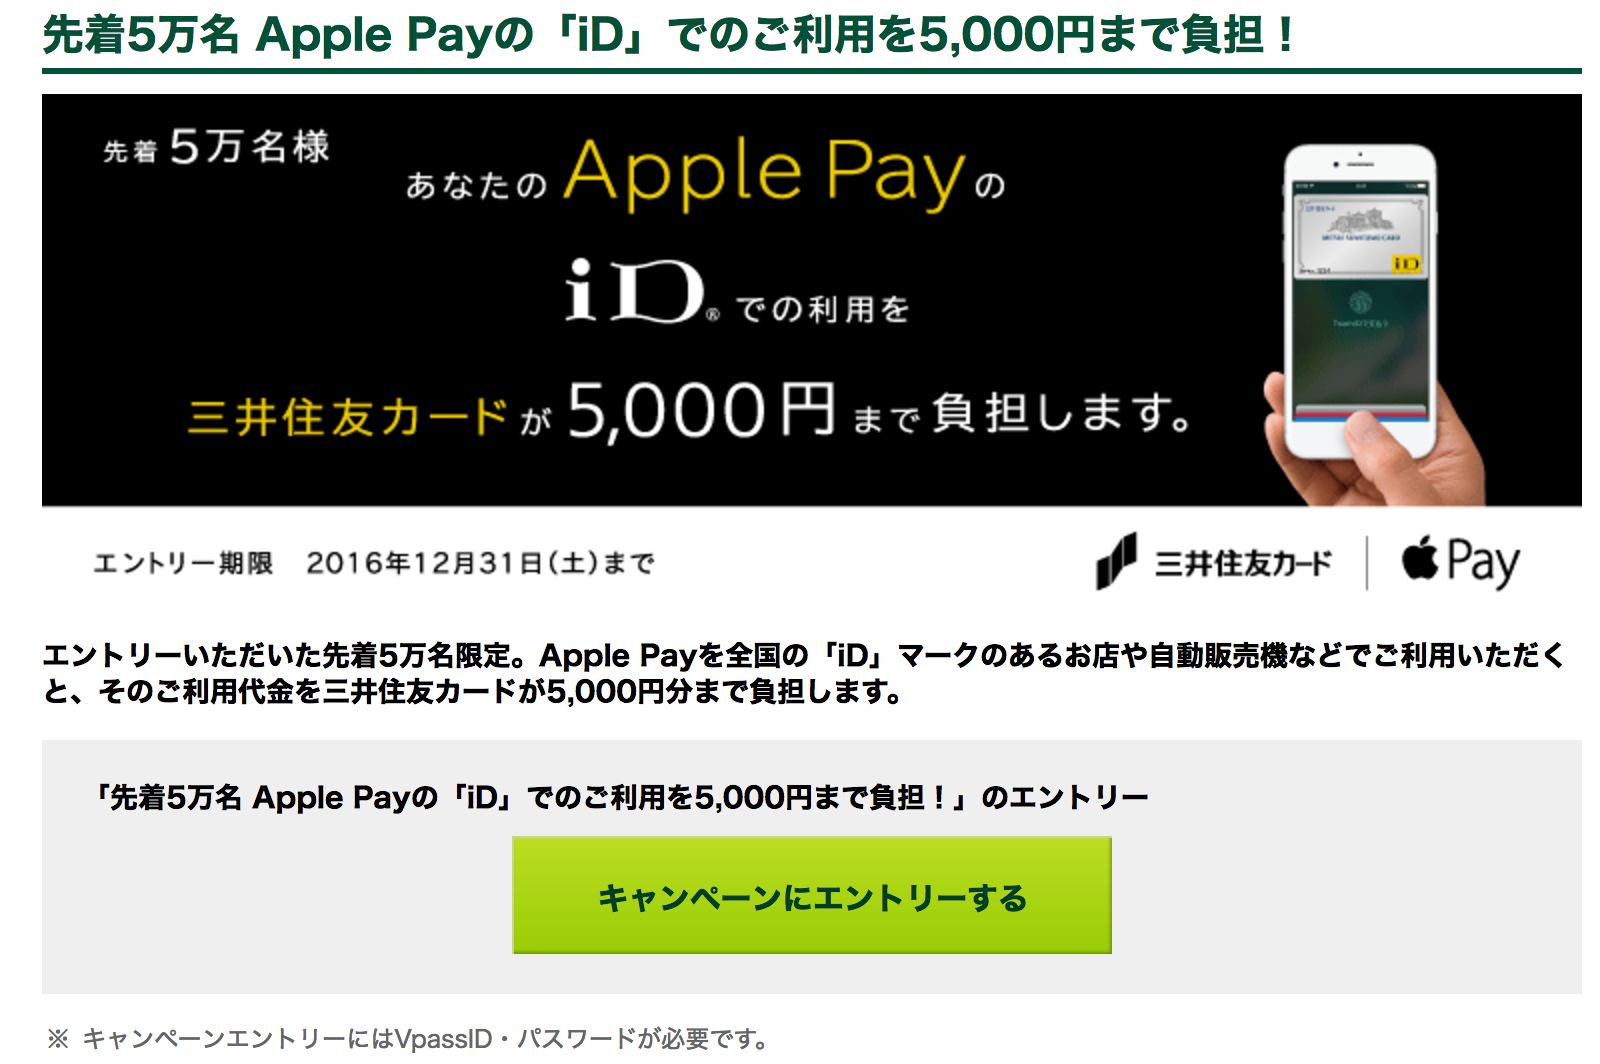 今更ですが、ApplePayのキャンペーンに参加しました。